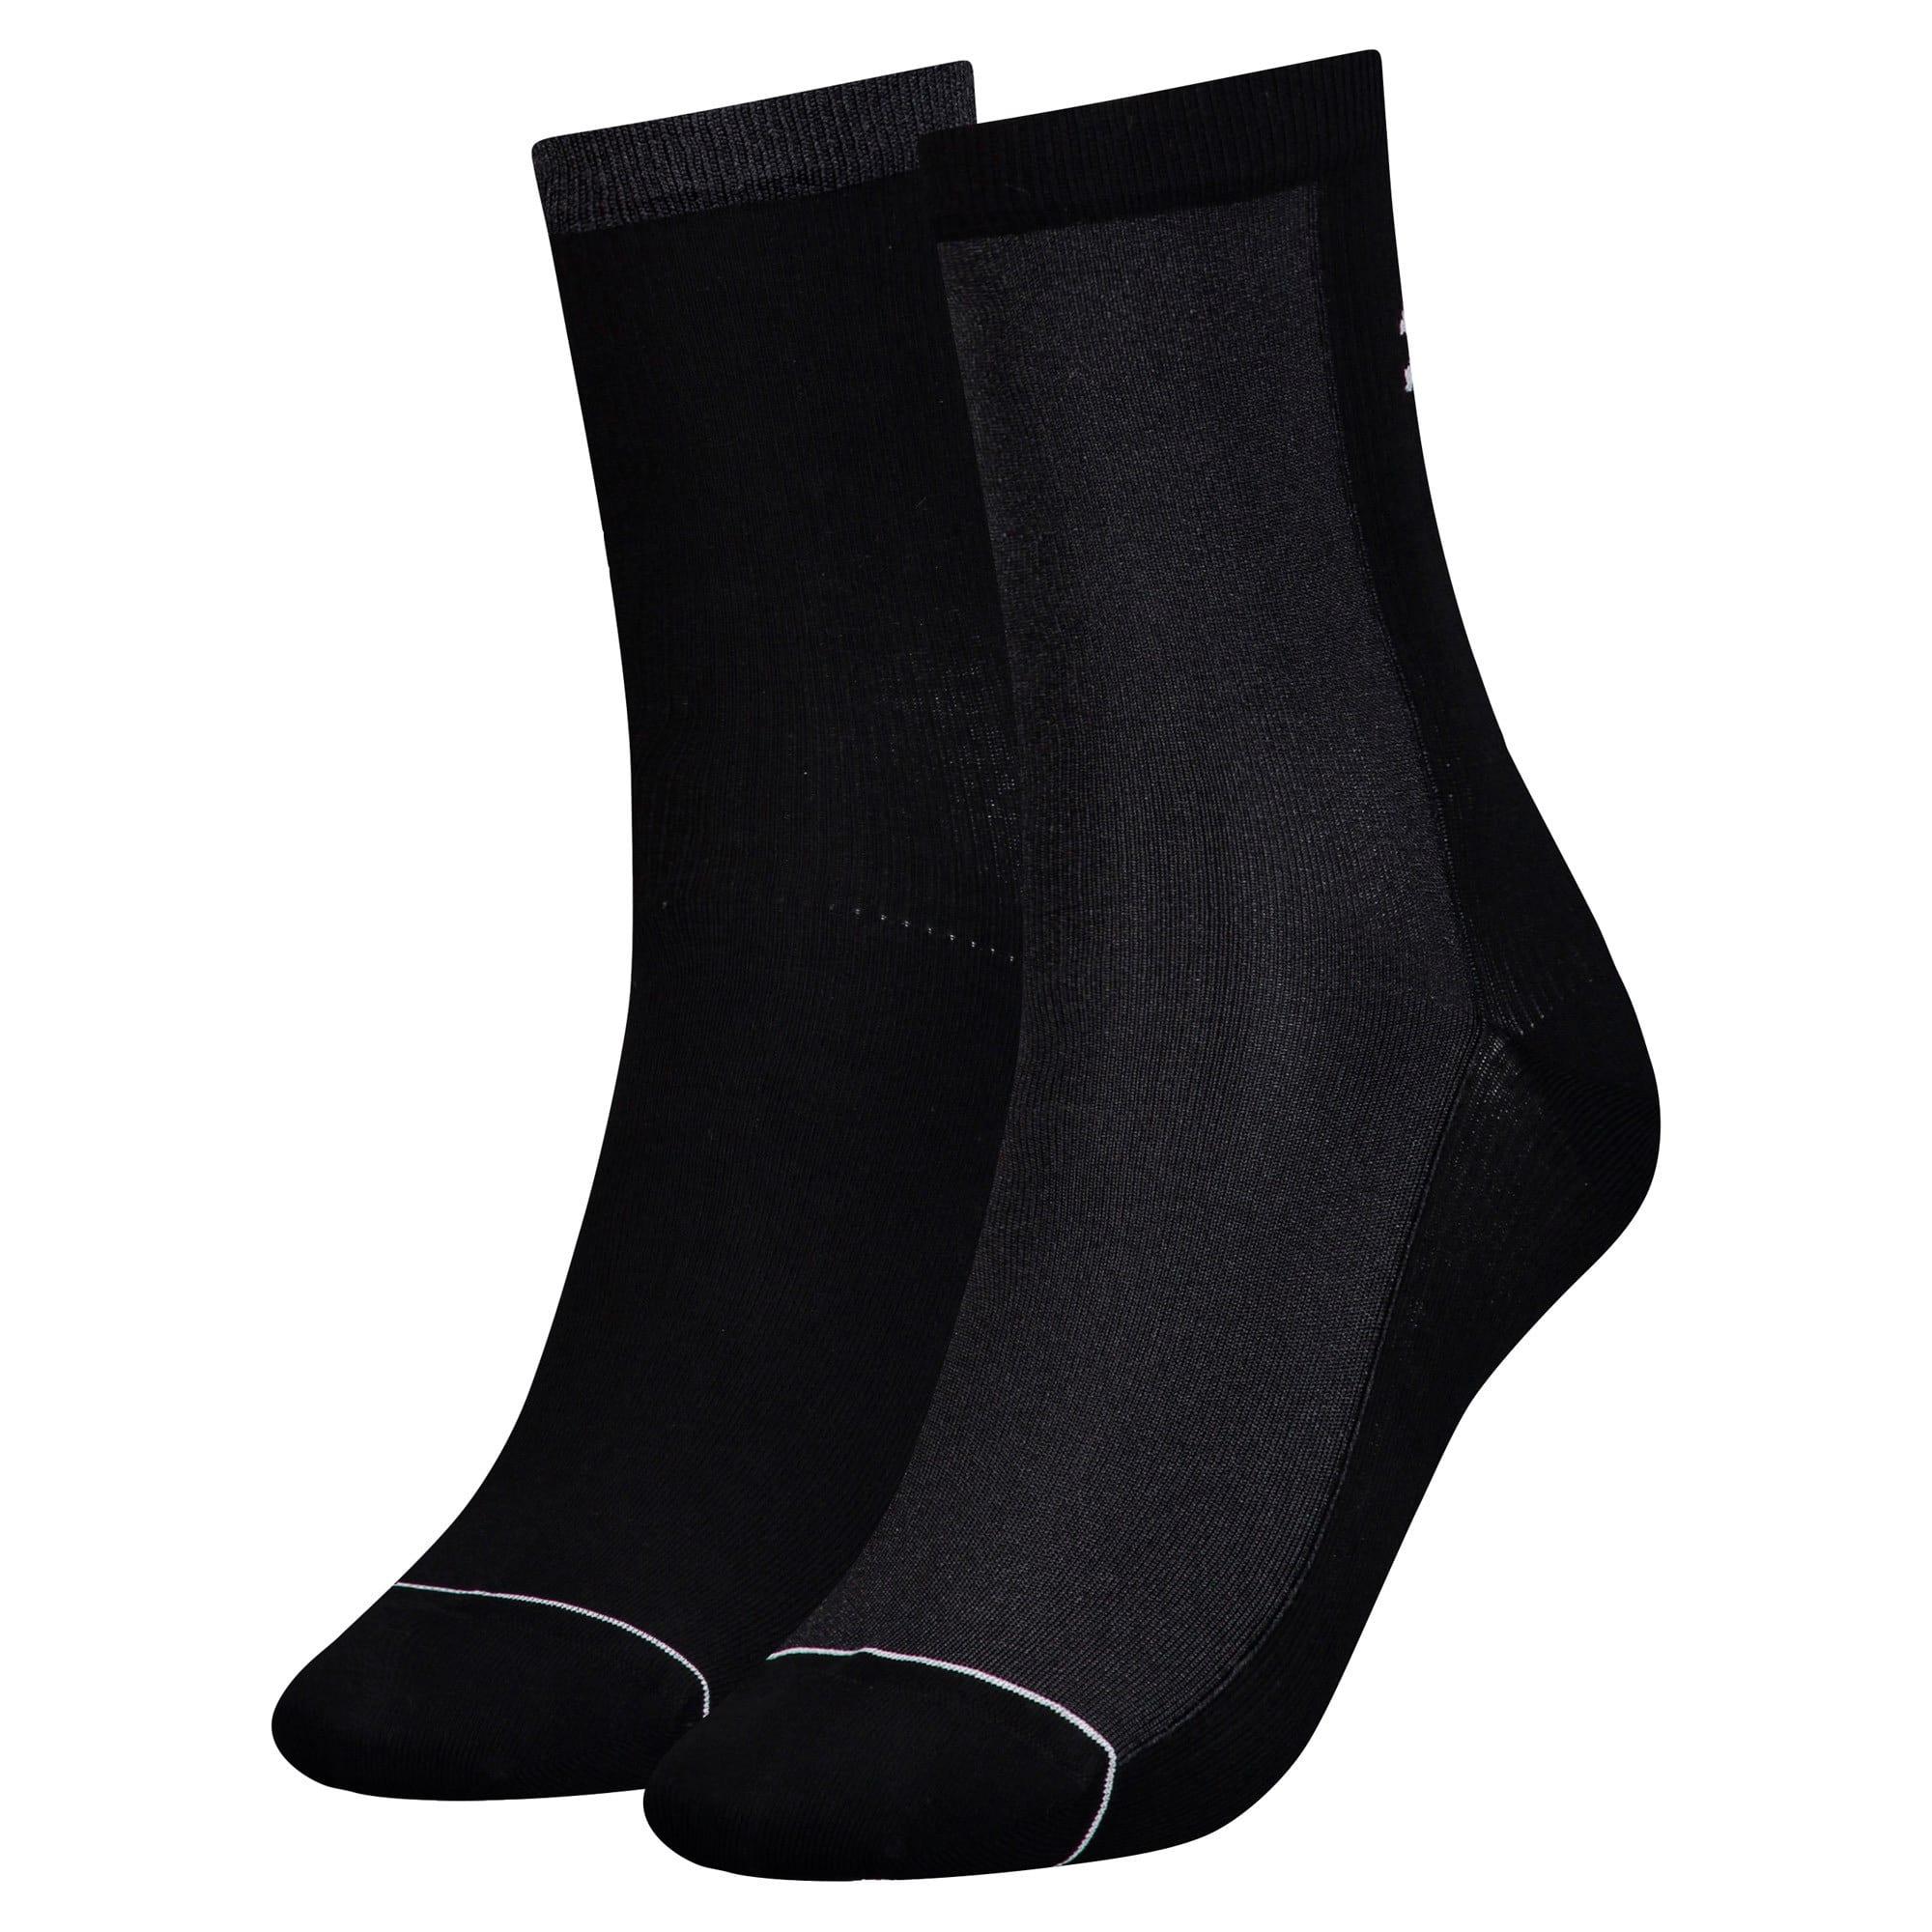 Thumbnail 1 of Radiant Women's Socks 2 Pack, black, medium